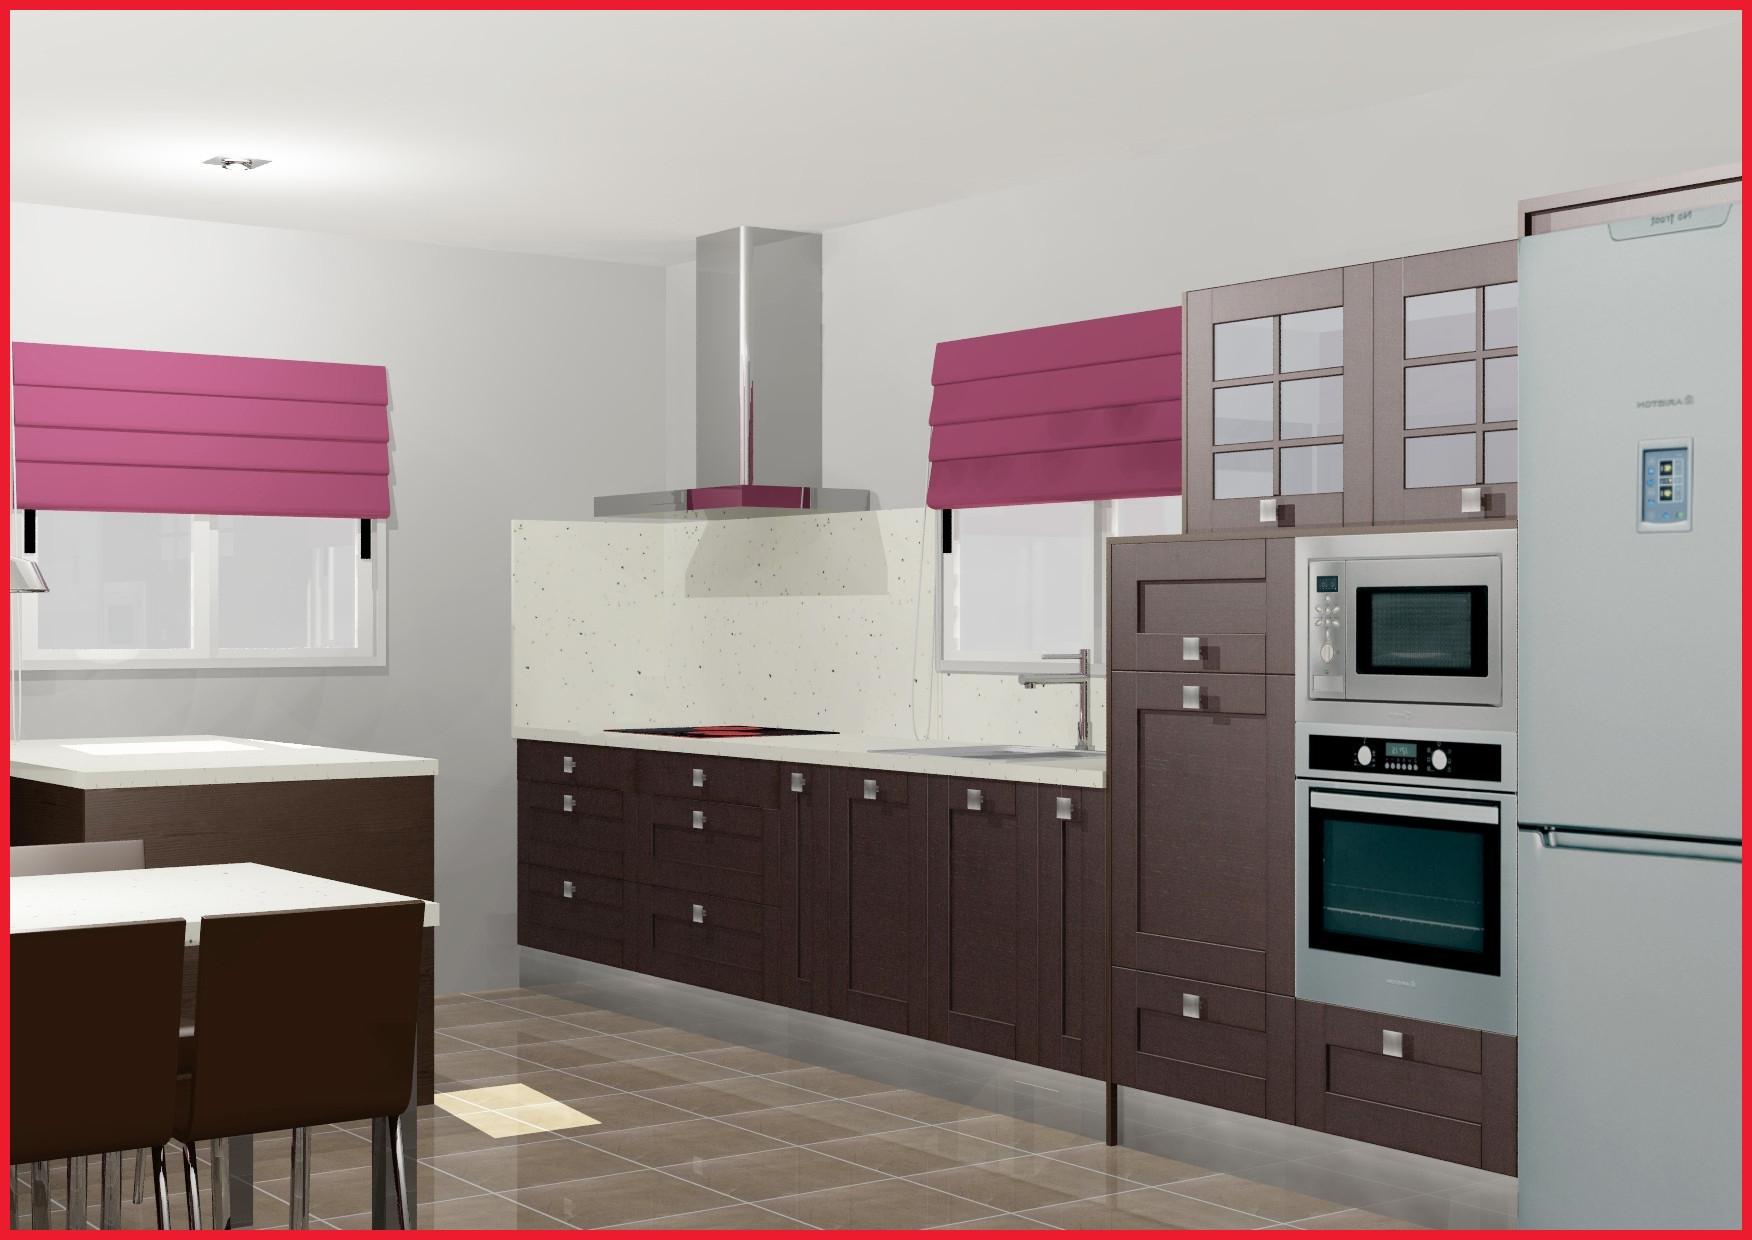 Tiendas De Muebles Almeria Gdd0 Muebles De Cocina En Almeria à Nico ...